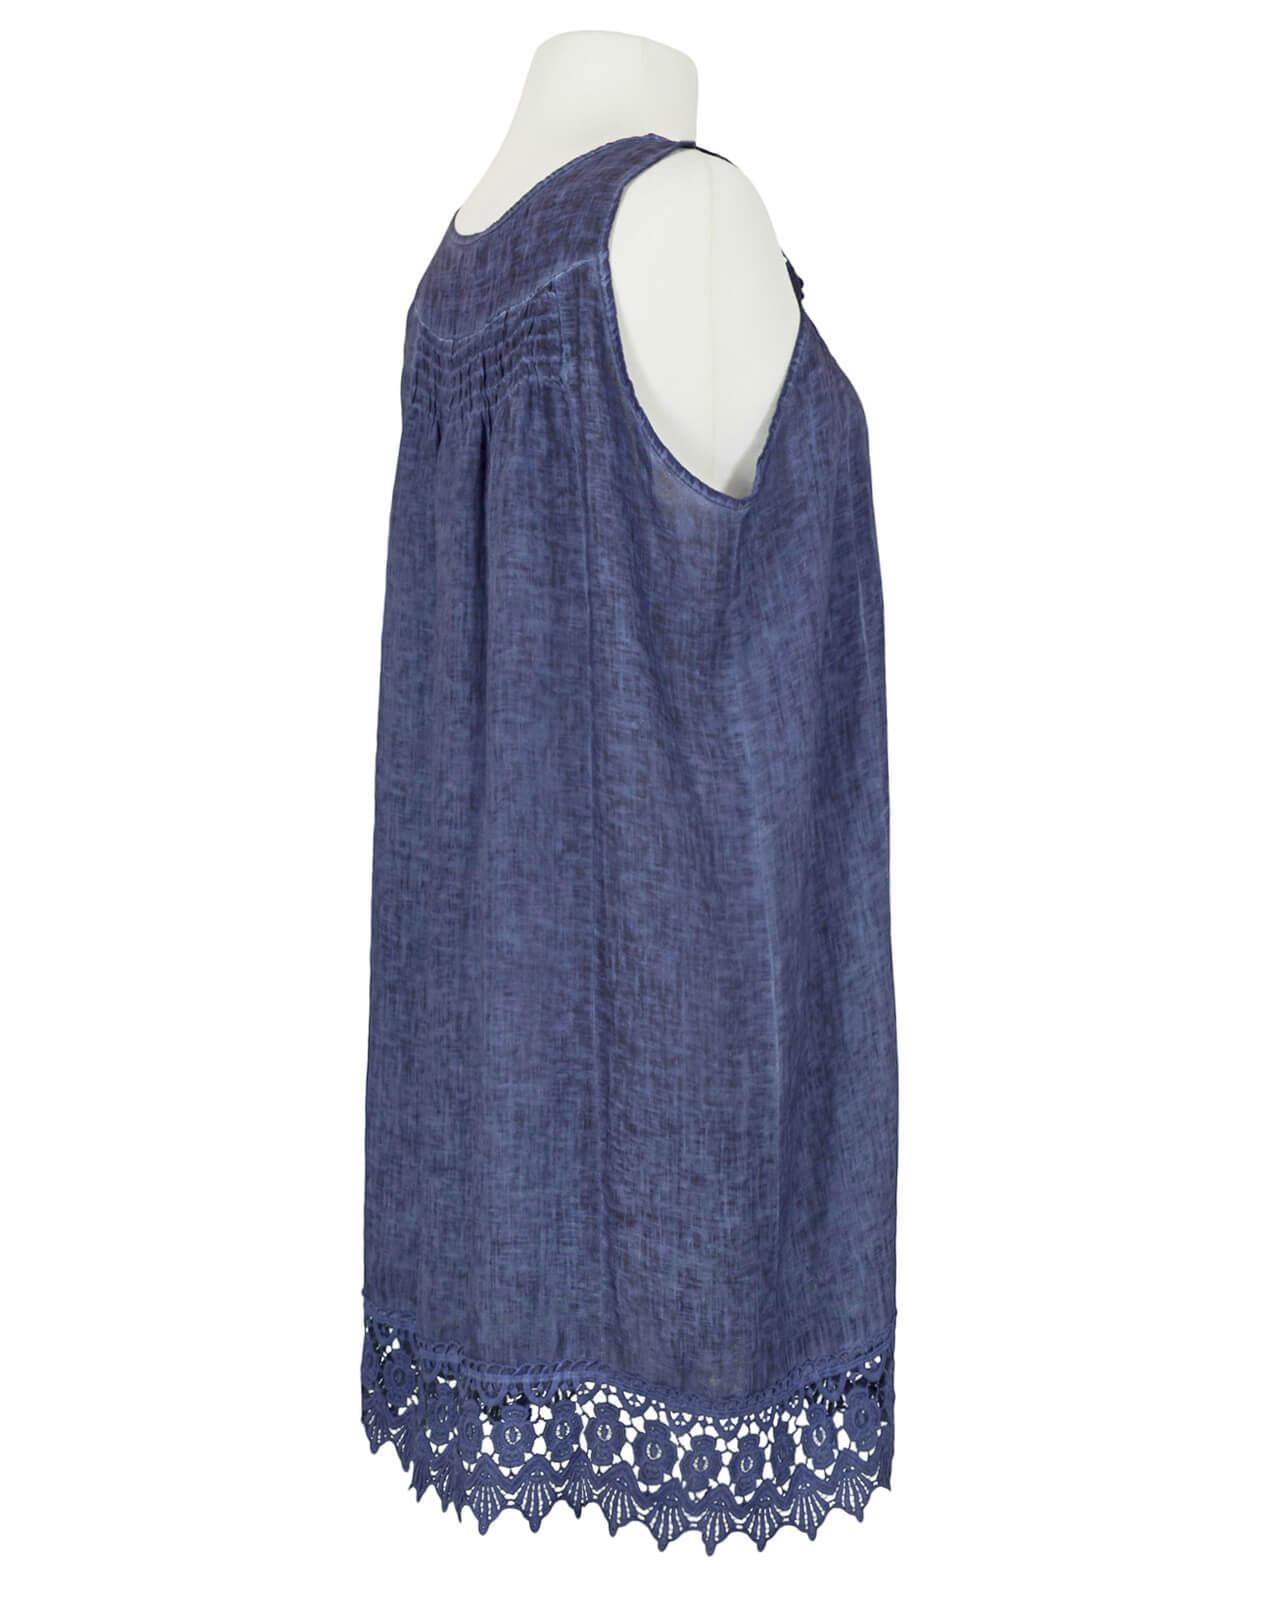 Hängerchen Kleid mit Spitze, blau von Diana | meinkleidchen